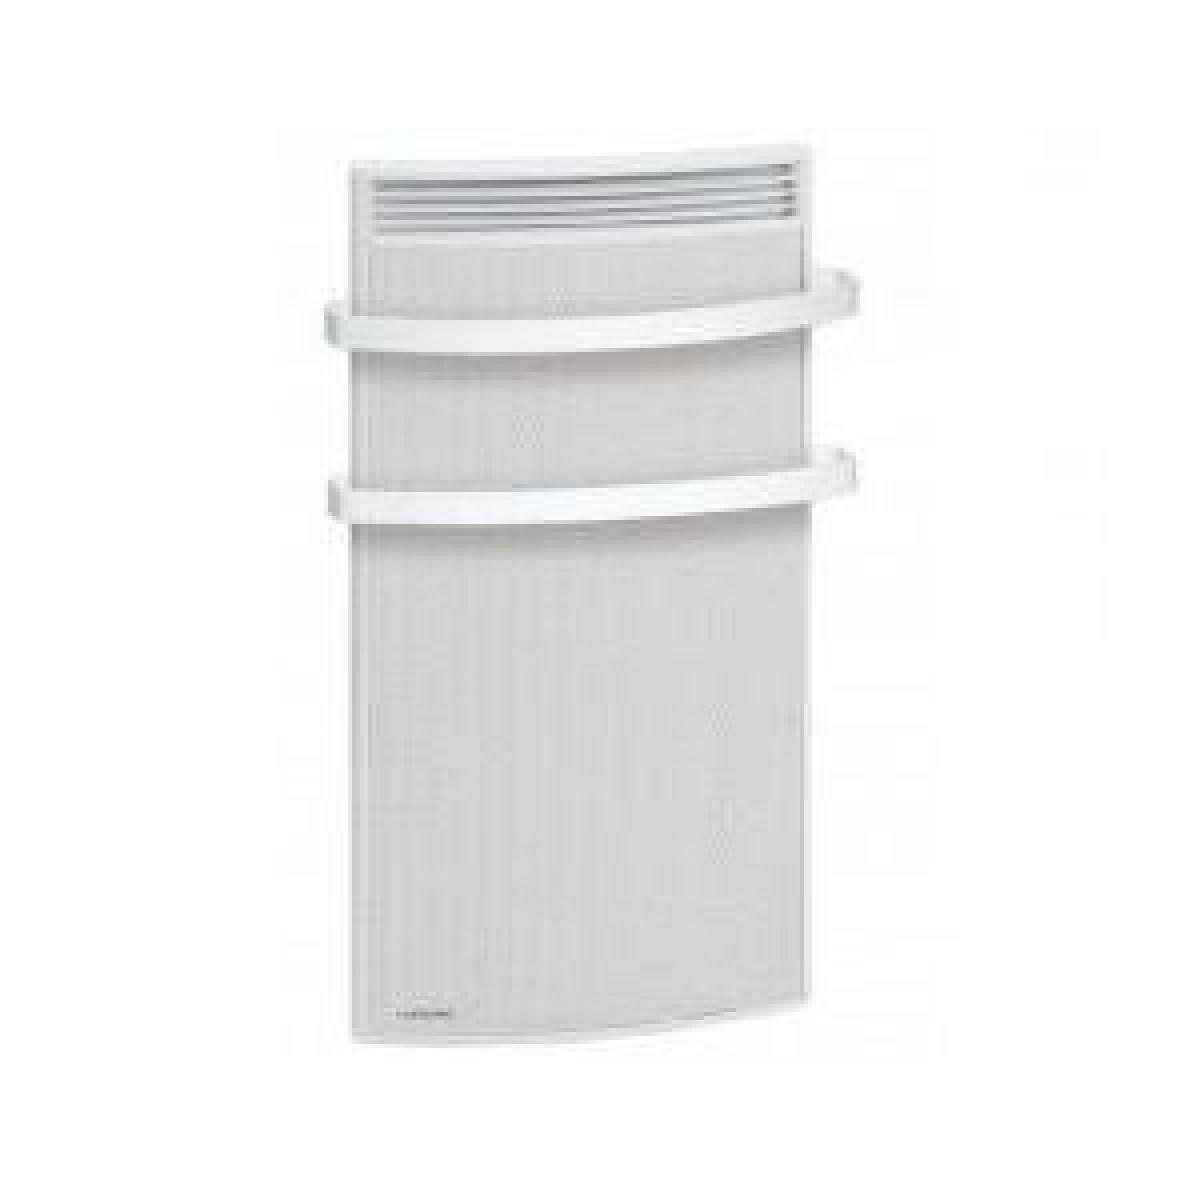 STELLIO BAINS 1500W - Отопление за баня от Ел отопление